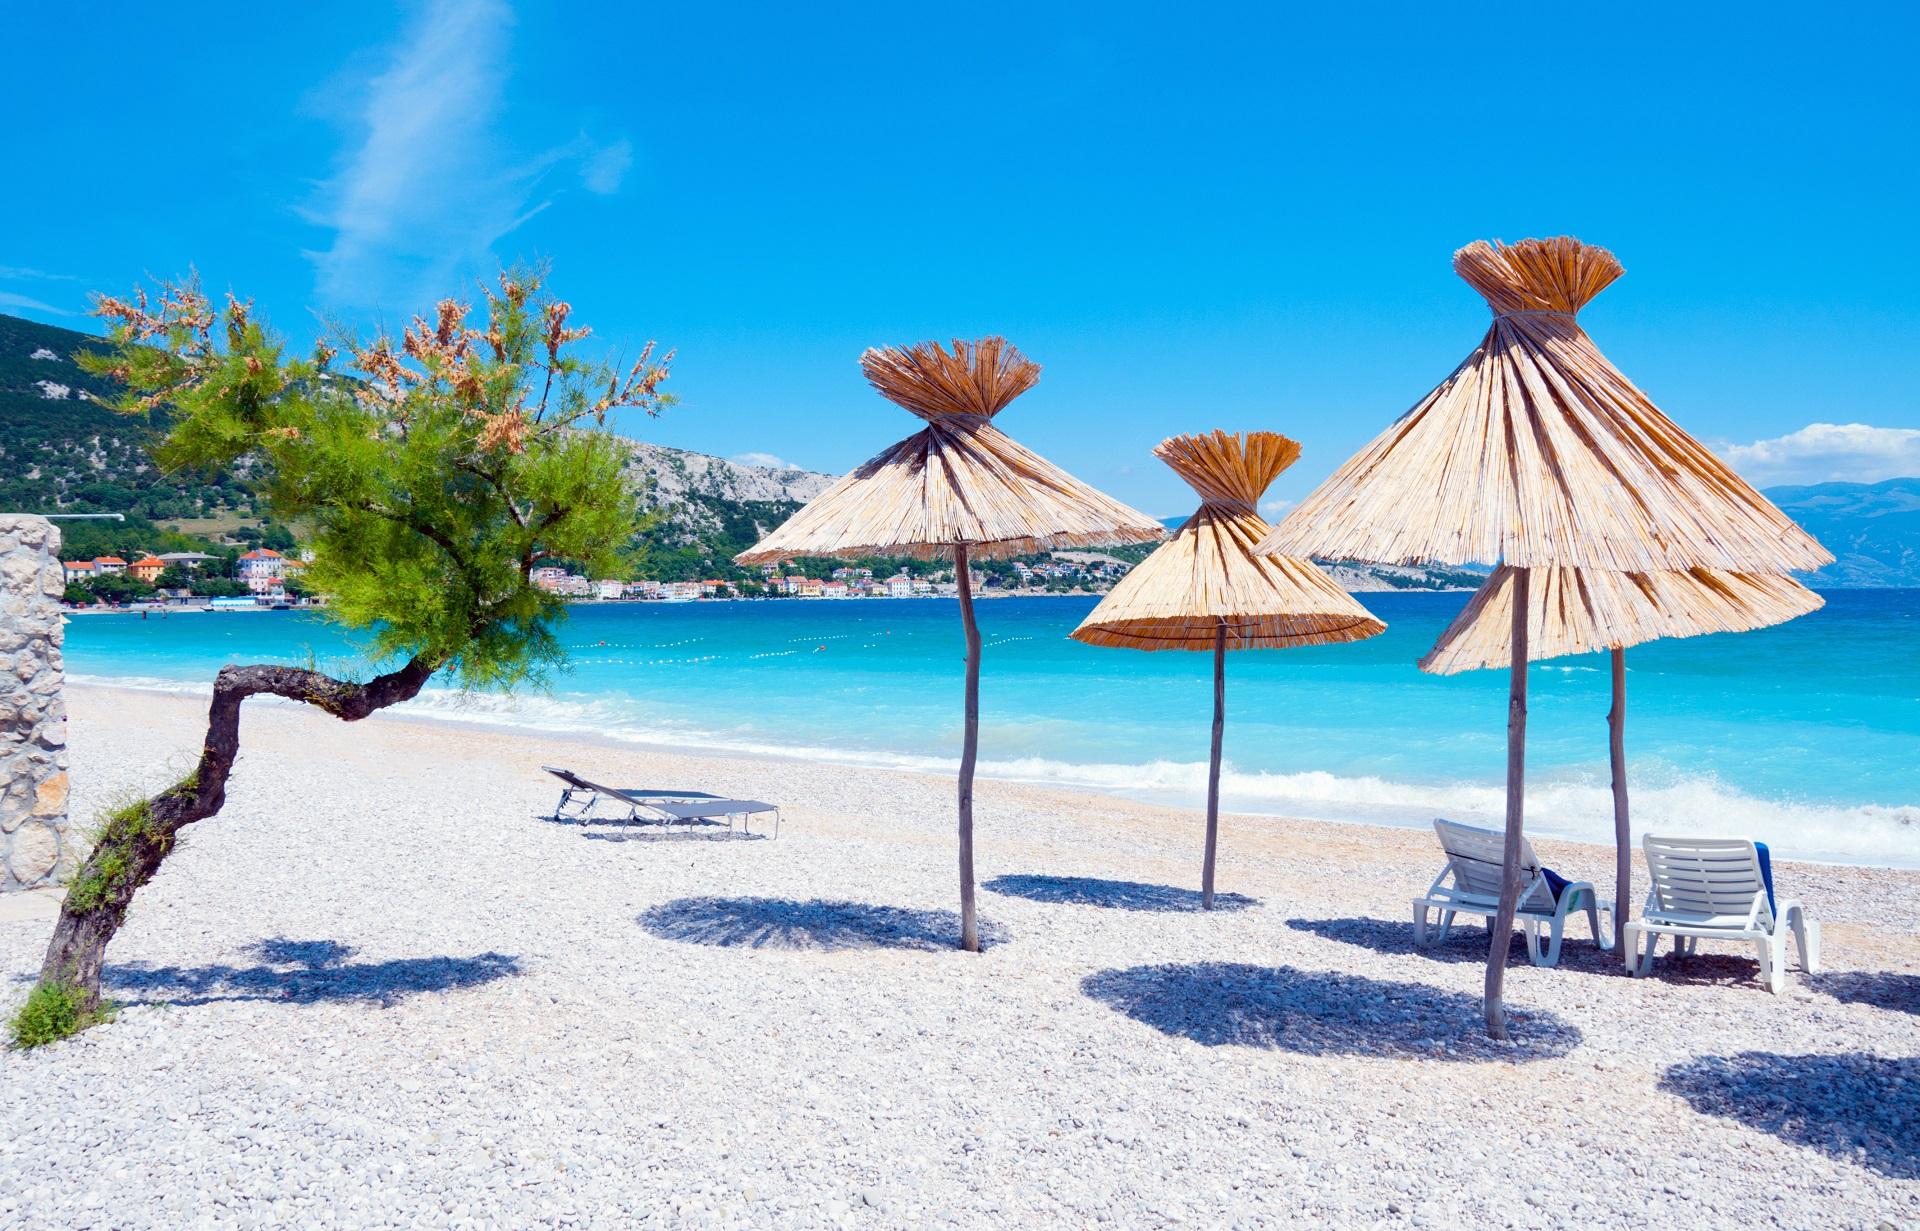 Das Sind Die Schonsten Strande In Kroatien Urlaubsguru